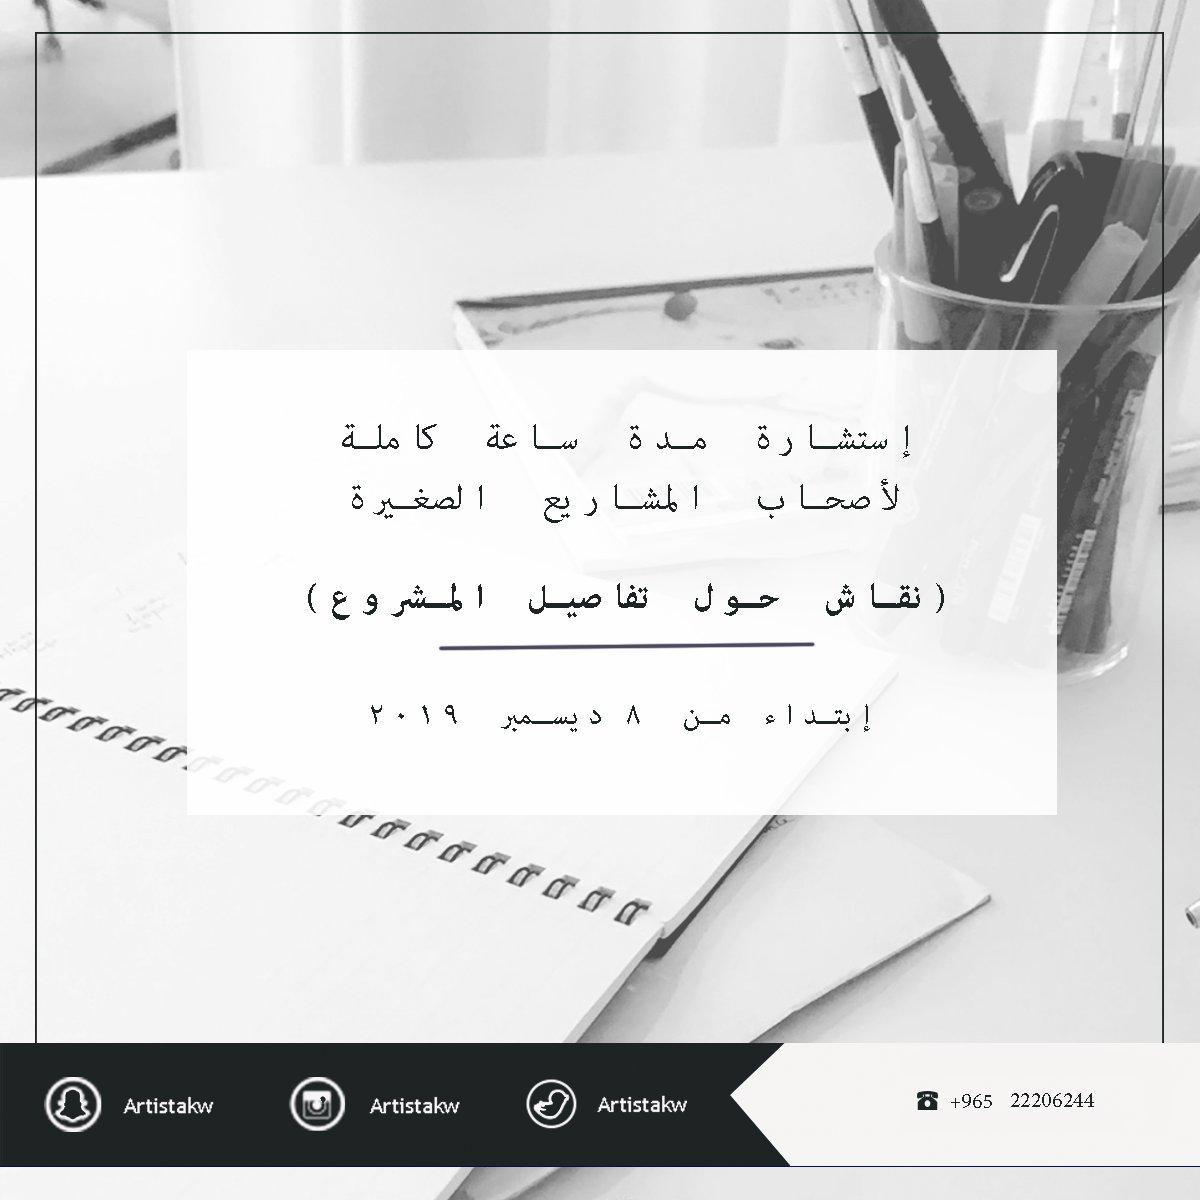 نوفر خدمة استشارة في شركة آرتيستا. يرجى التواصل لمزيد من المعلومات. #تصميم #مشاريع